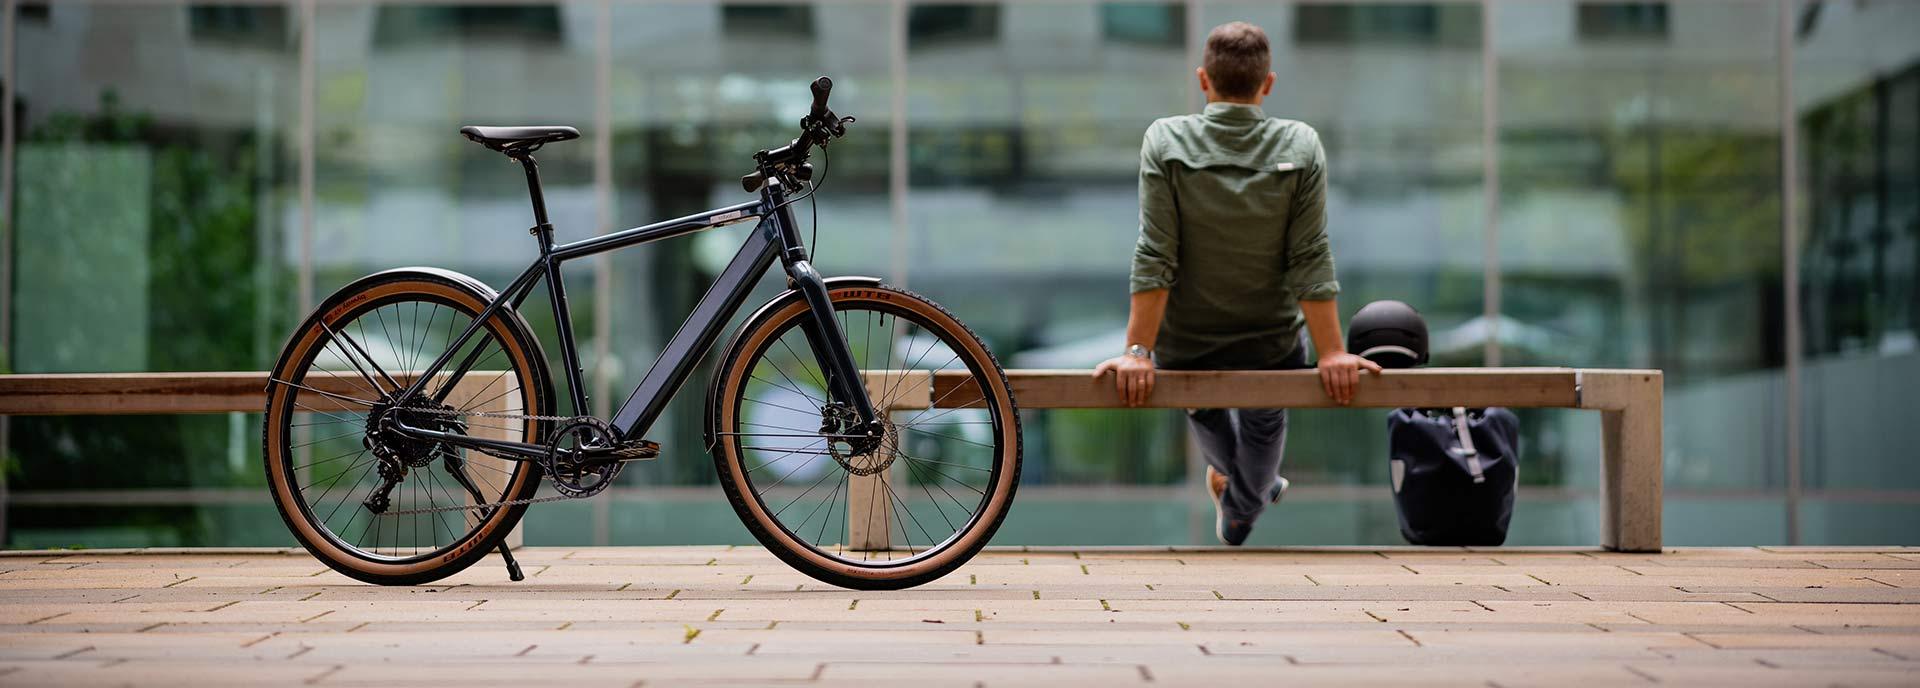 E-Bikes: Wie gut kennen Sie sich wirklich aus? – Zehn Quizfragen zu E-Bike-Typen, Motorarten, Drehmoment, Helmpflicht, Schaltung und mehr